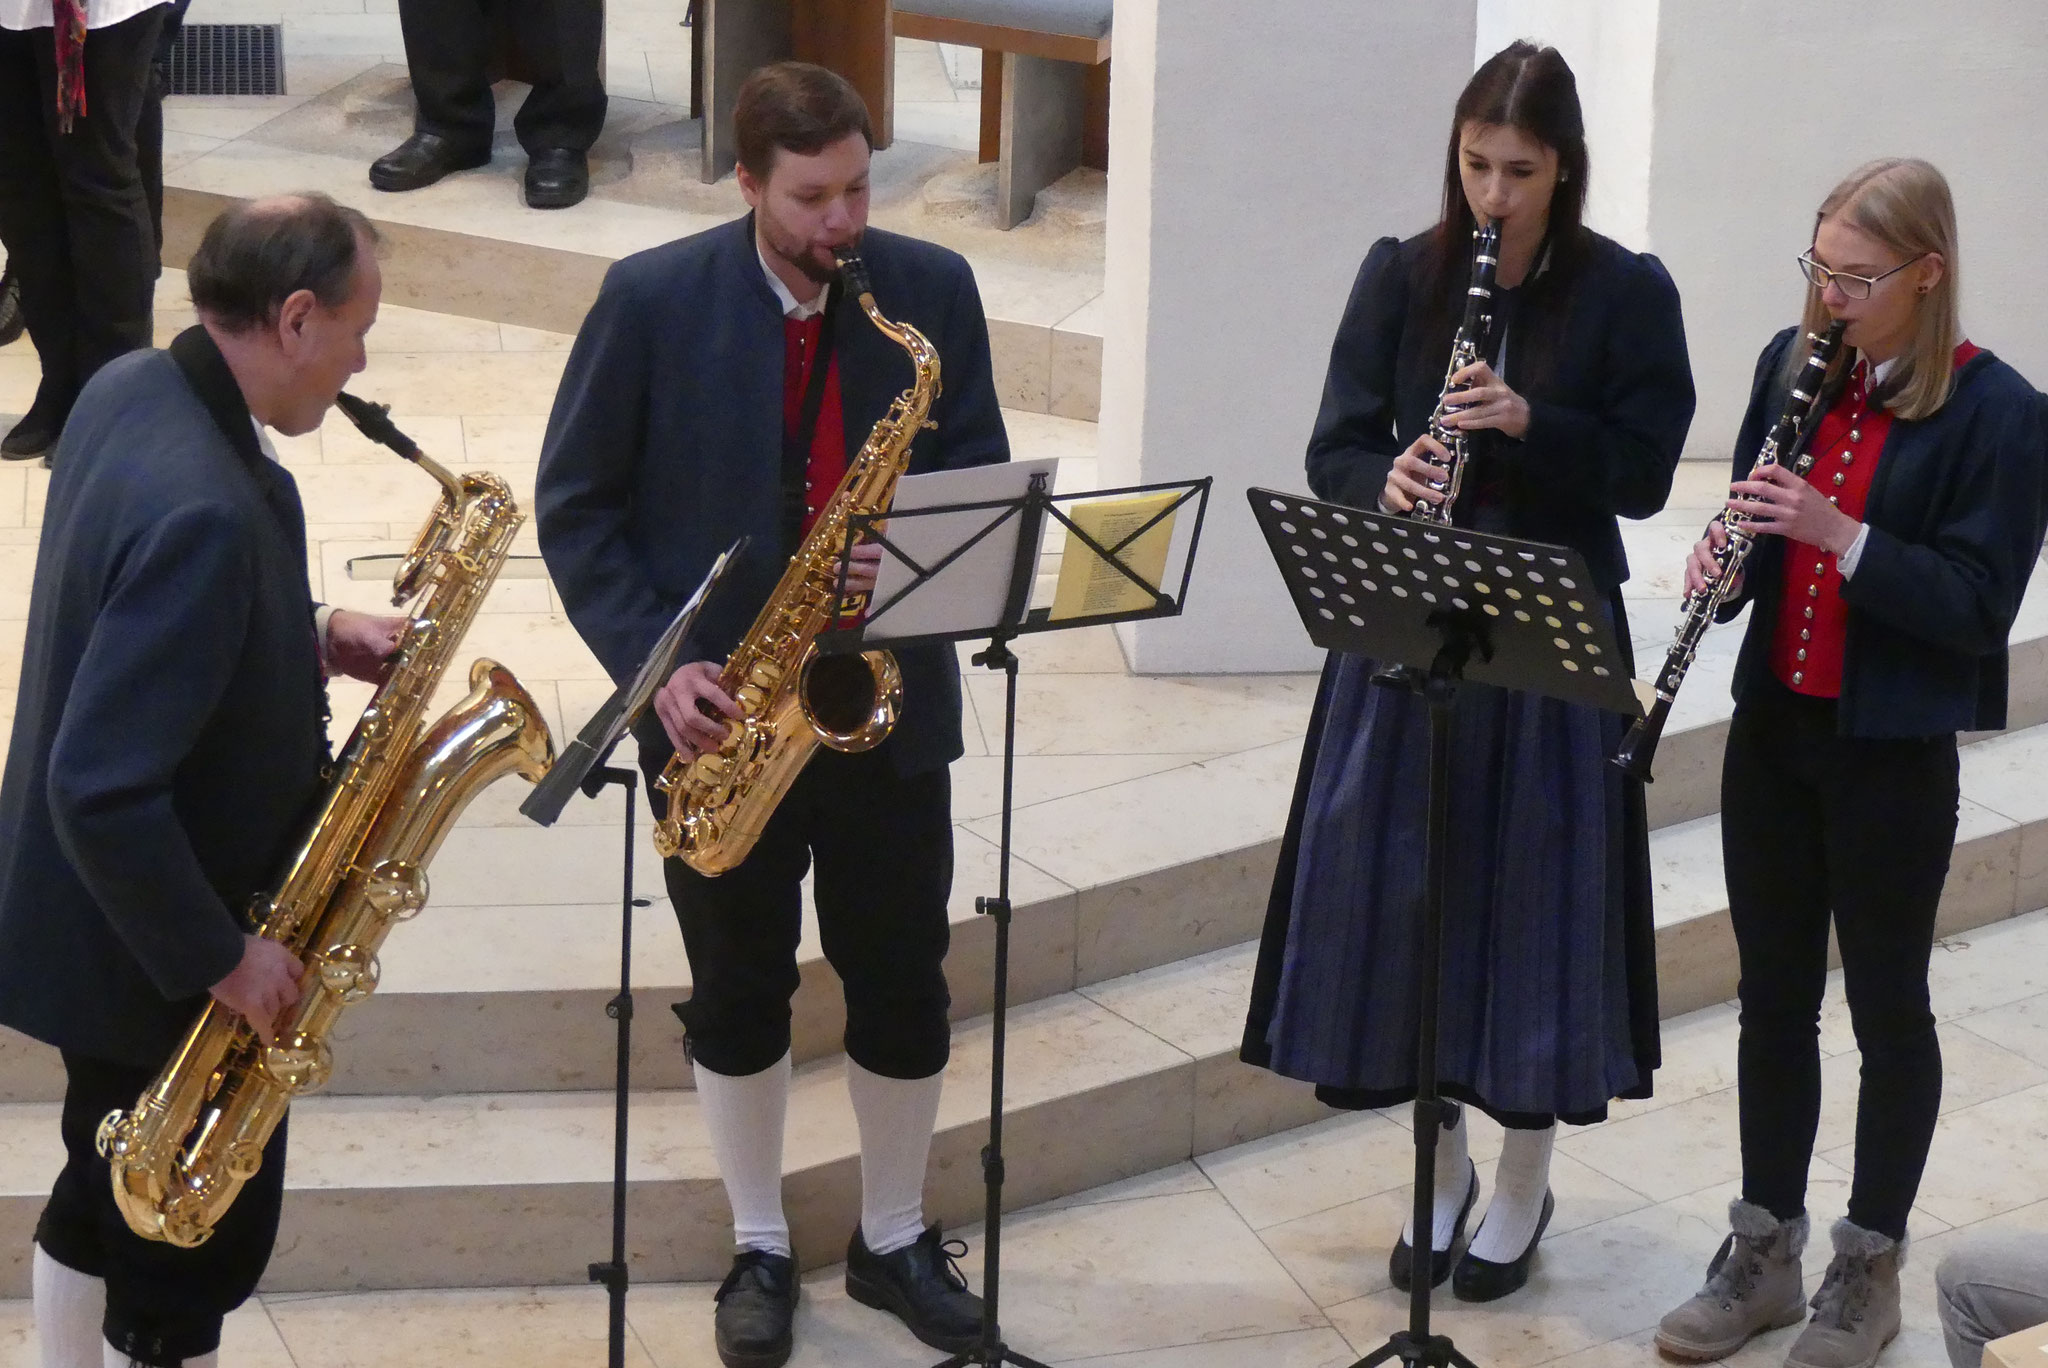 Das Quartett Reinhard und Simon Götzfried sowie Theresia Hirschbeck und Franziska Linse des Ellgauer Musikvereins spielte adventlichen Melodien beim Ellgauer Adventssingen